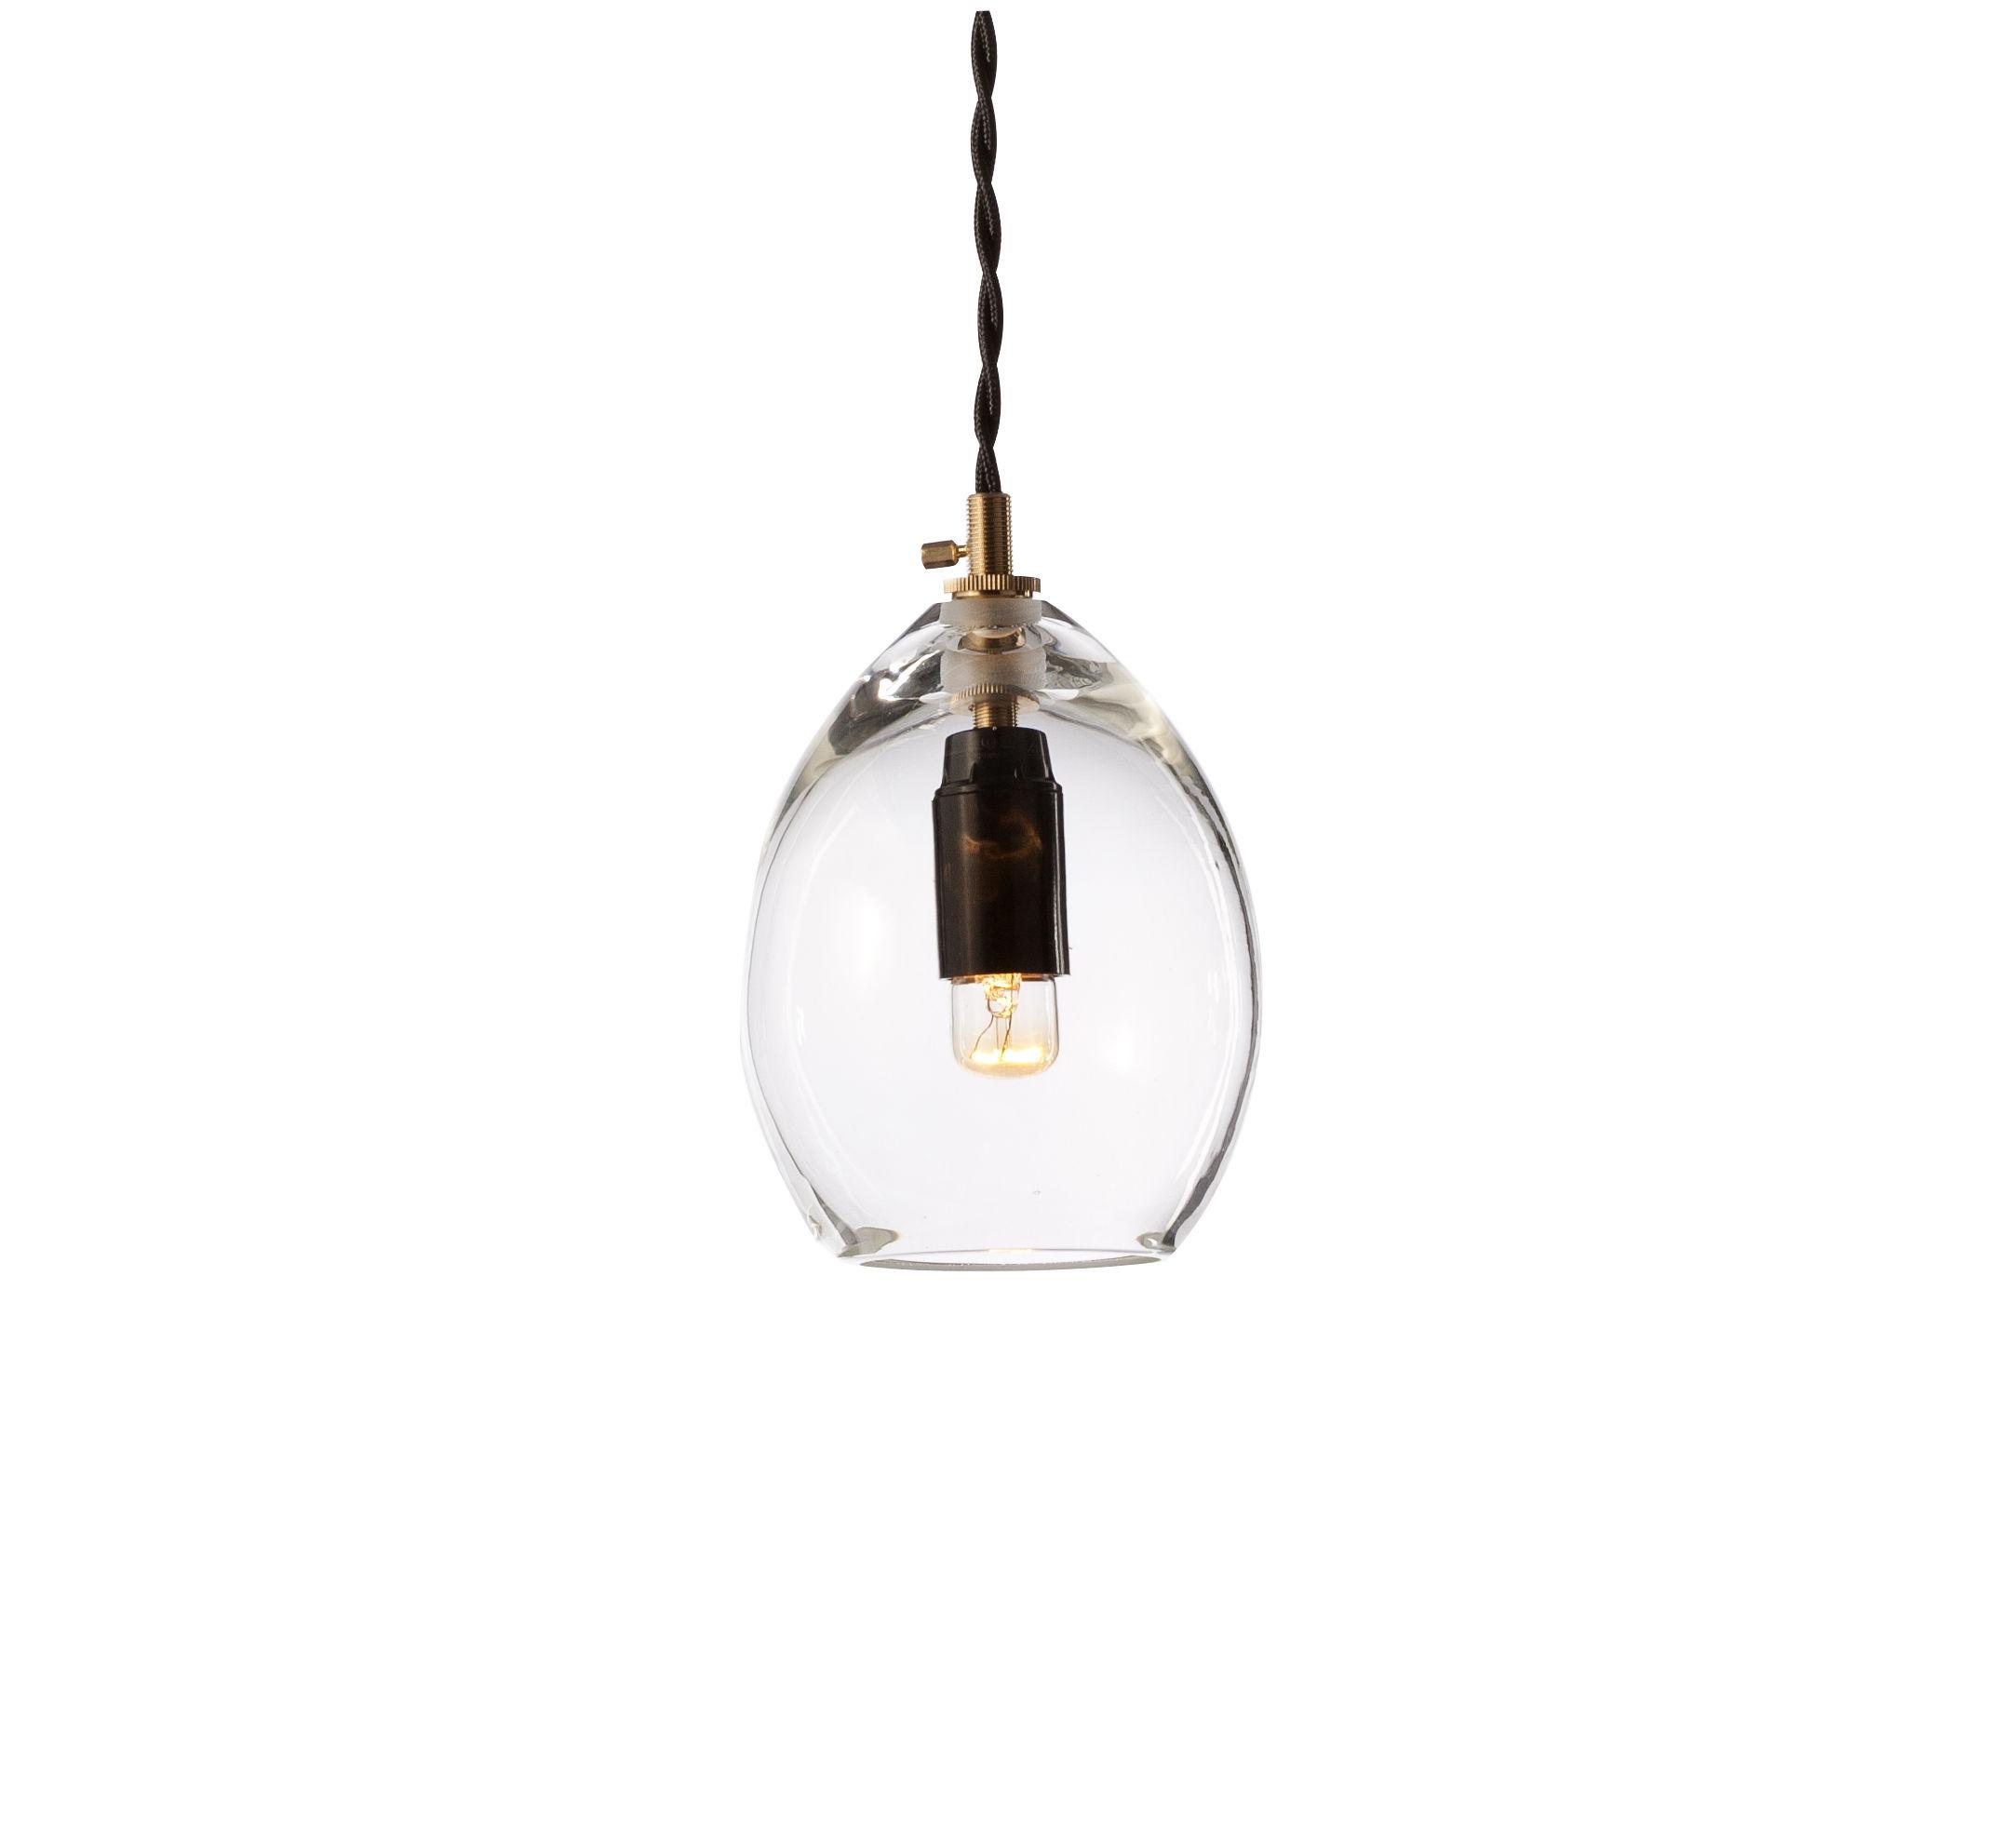 Leuchten - Pendelleuchten - Unika Pendelleuchte Klein - H 13 cm - Northern  - Klein / H 13 cm - transparent - mundgeblasenes Glas